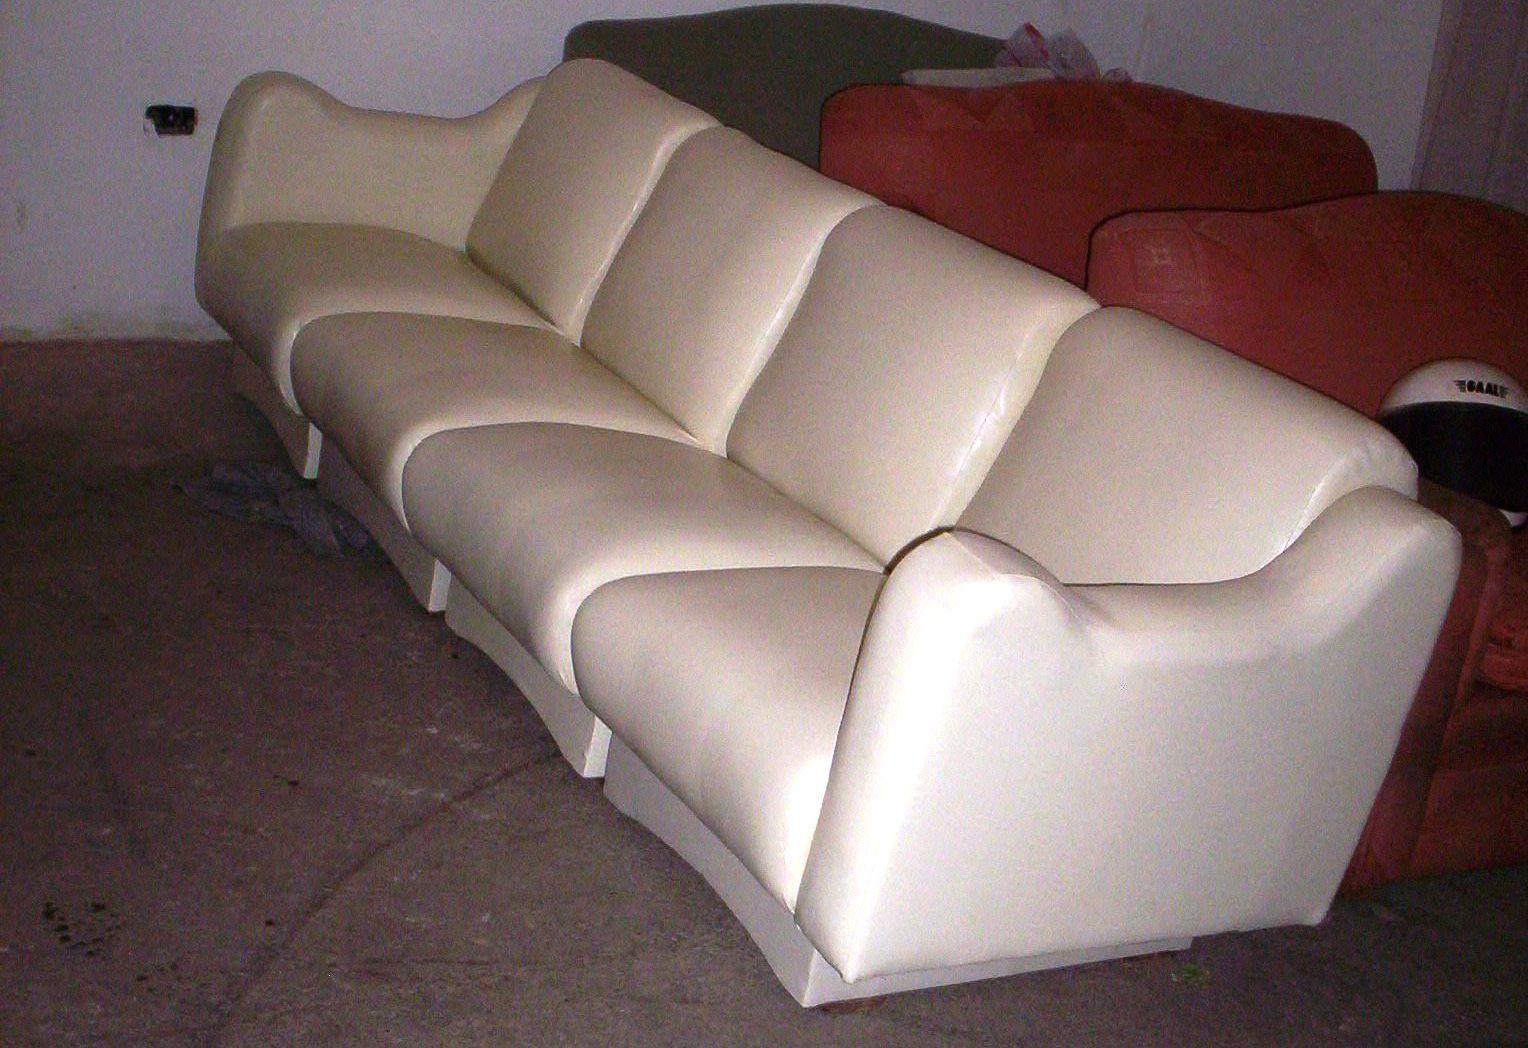 Reciclado de sillas y sillones m dulos reciclados for Reciclado de sillones